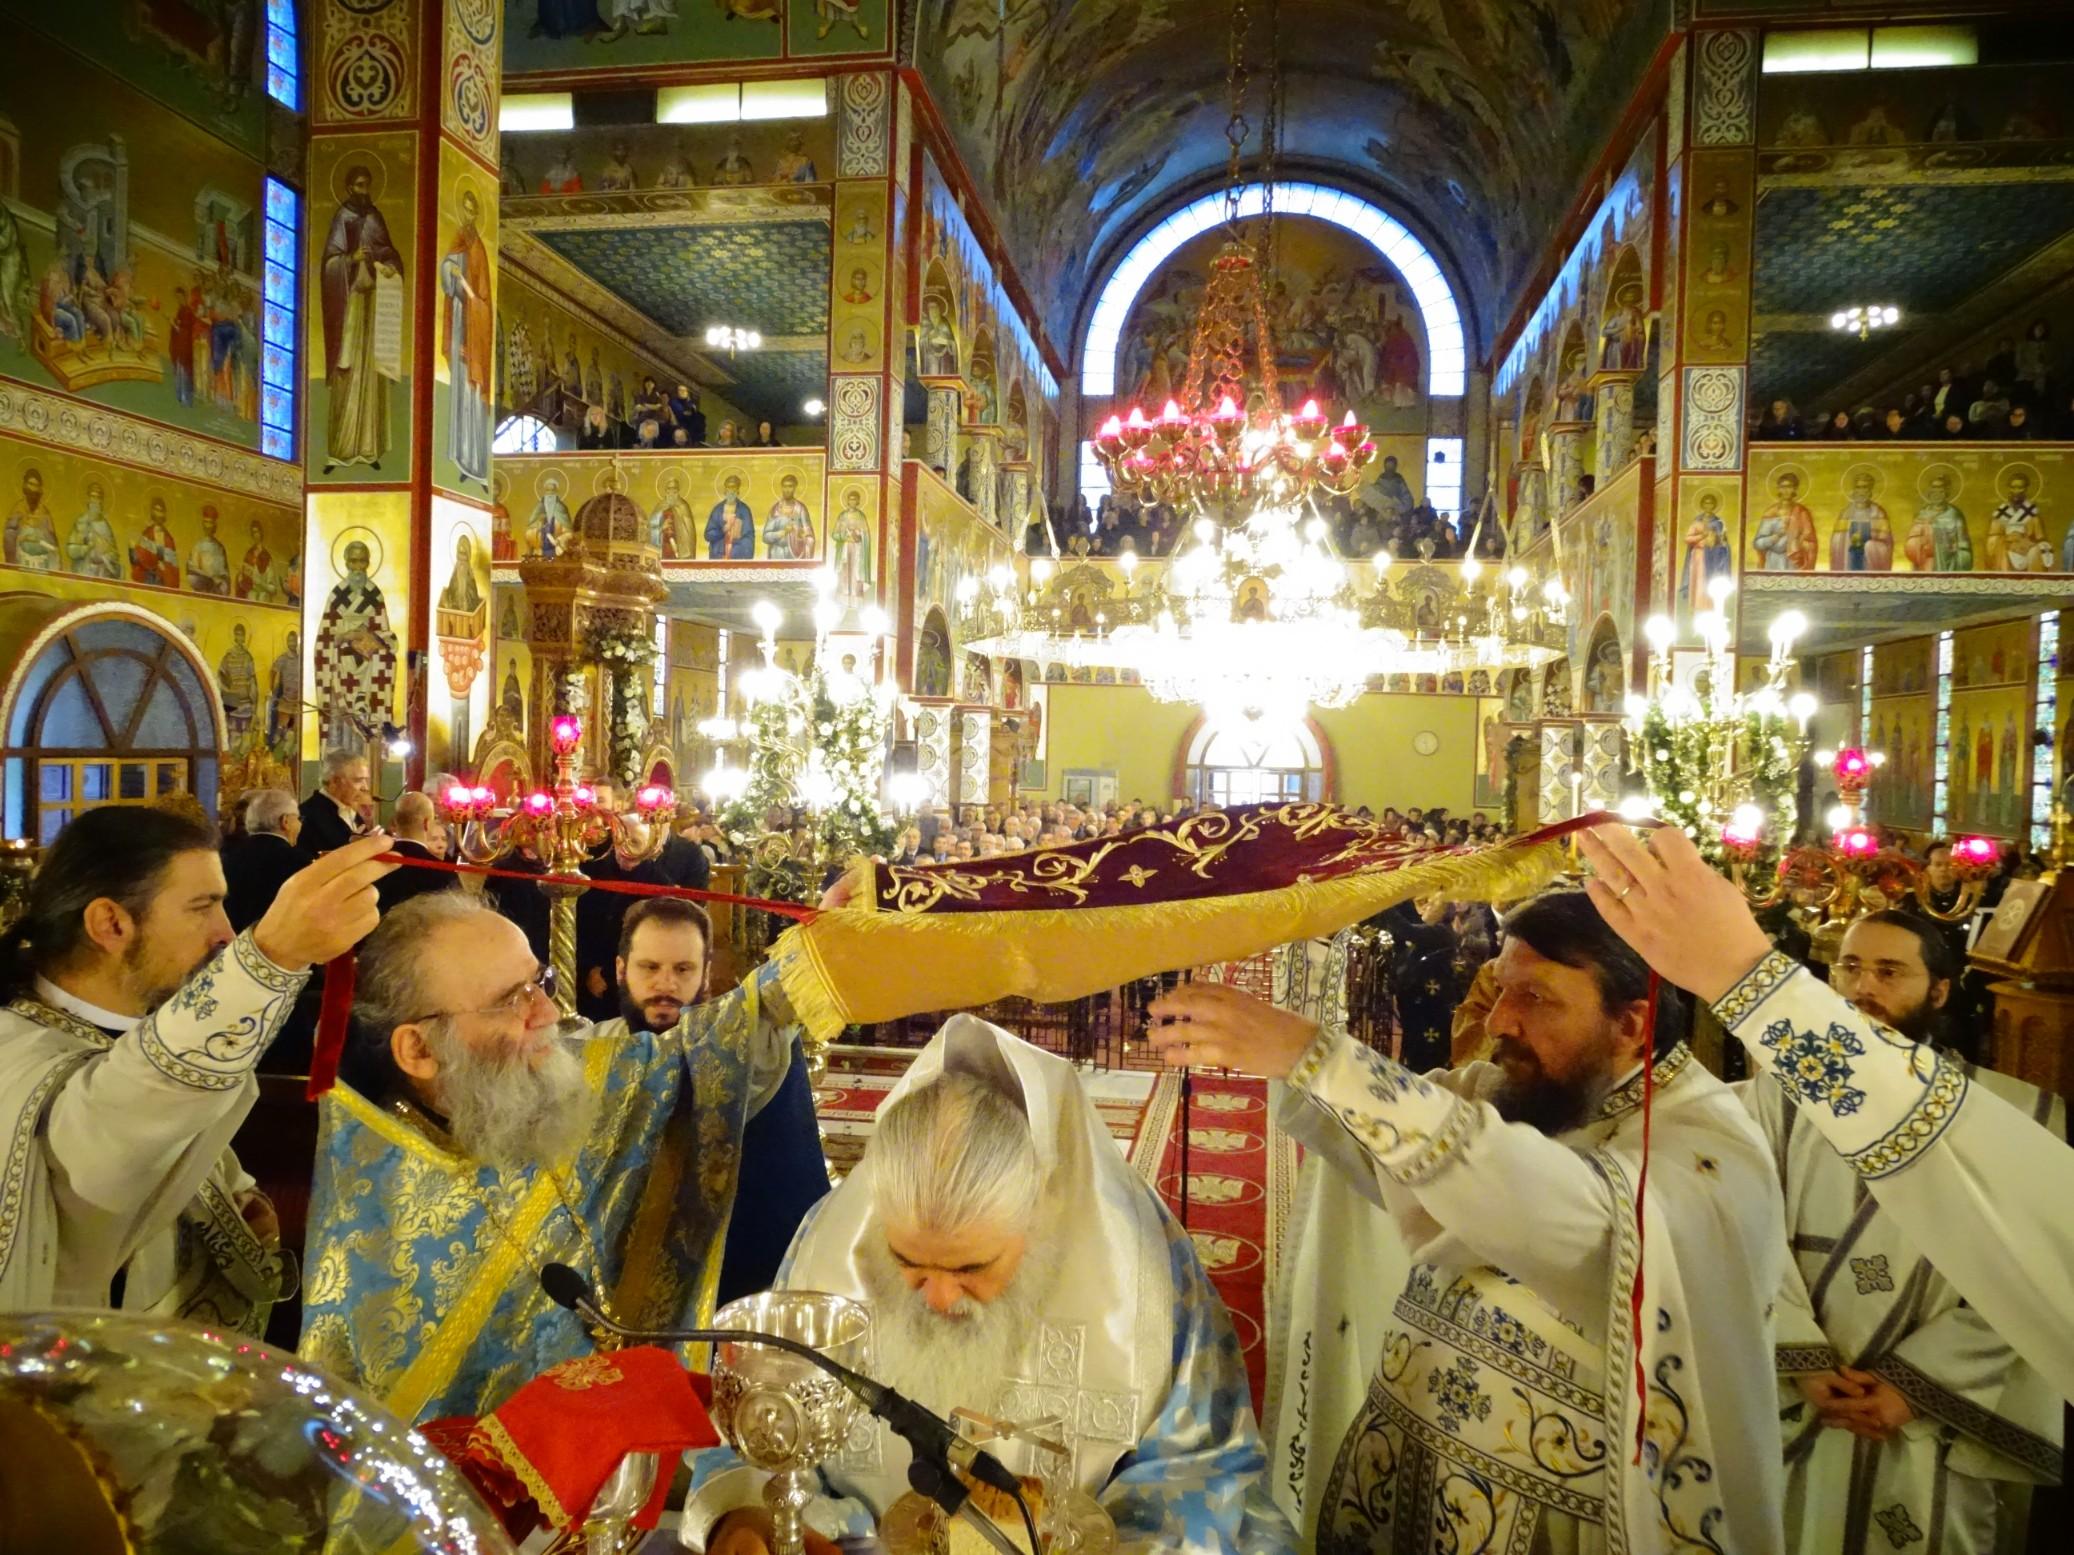 Αρχιερατική Πανηγυρική Θεία Λειτουργία Ανήμερα του Ευαγγελισμού